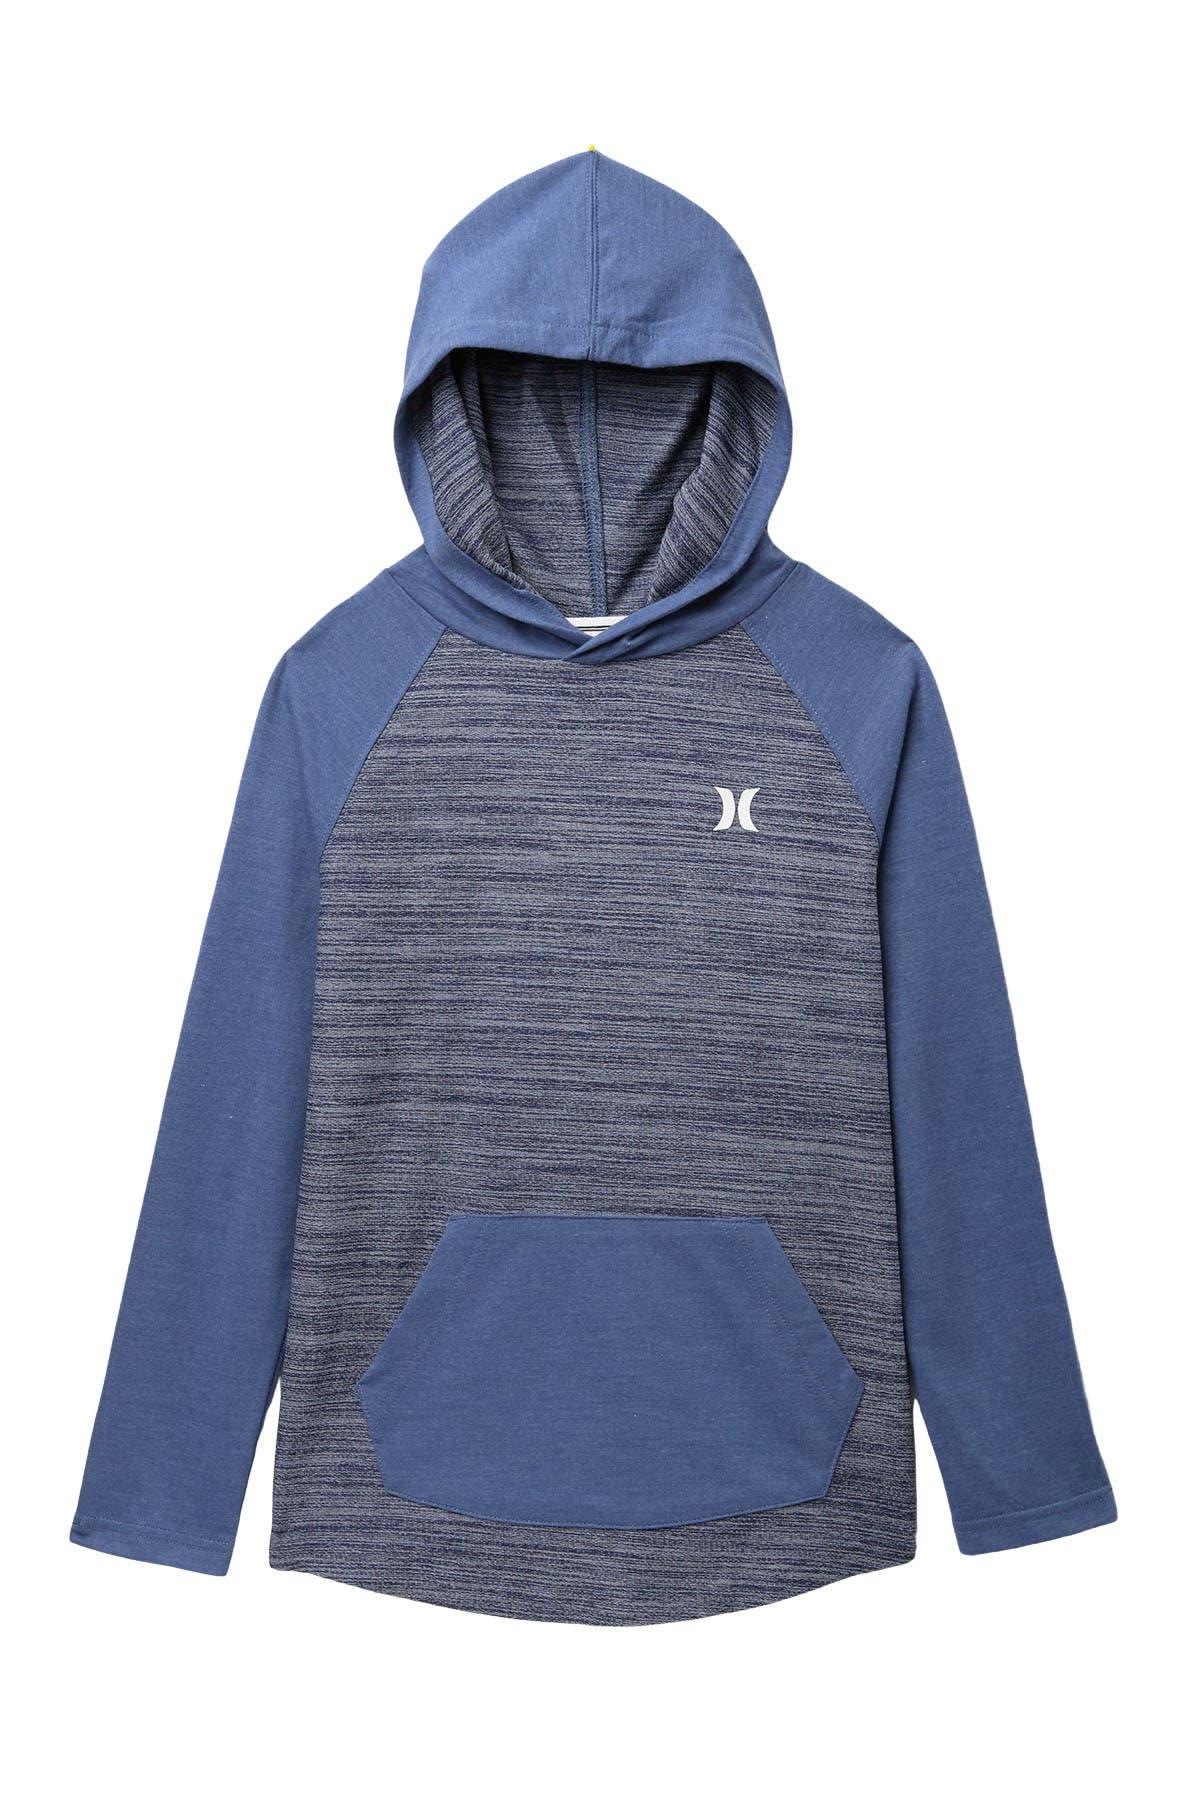 Image of Hurley Melange Knit Pullover Top